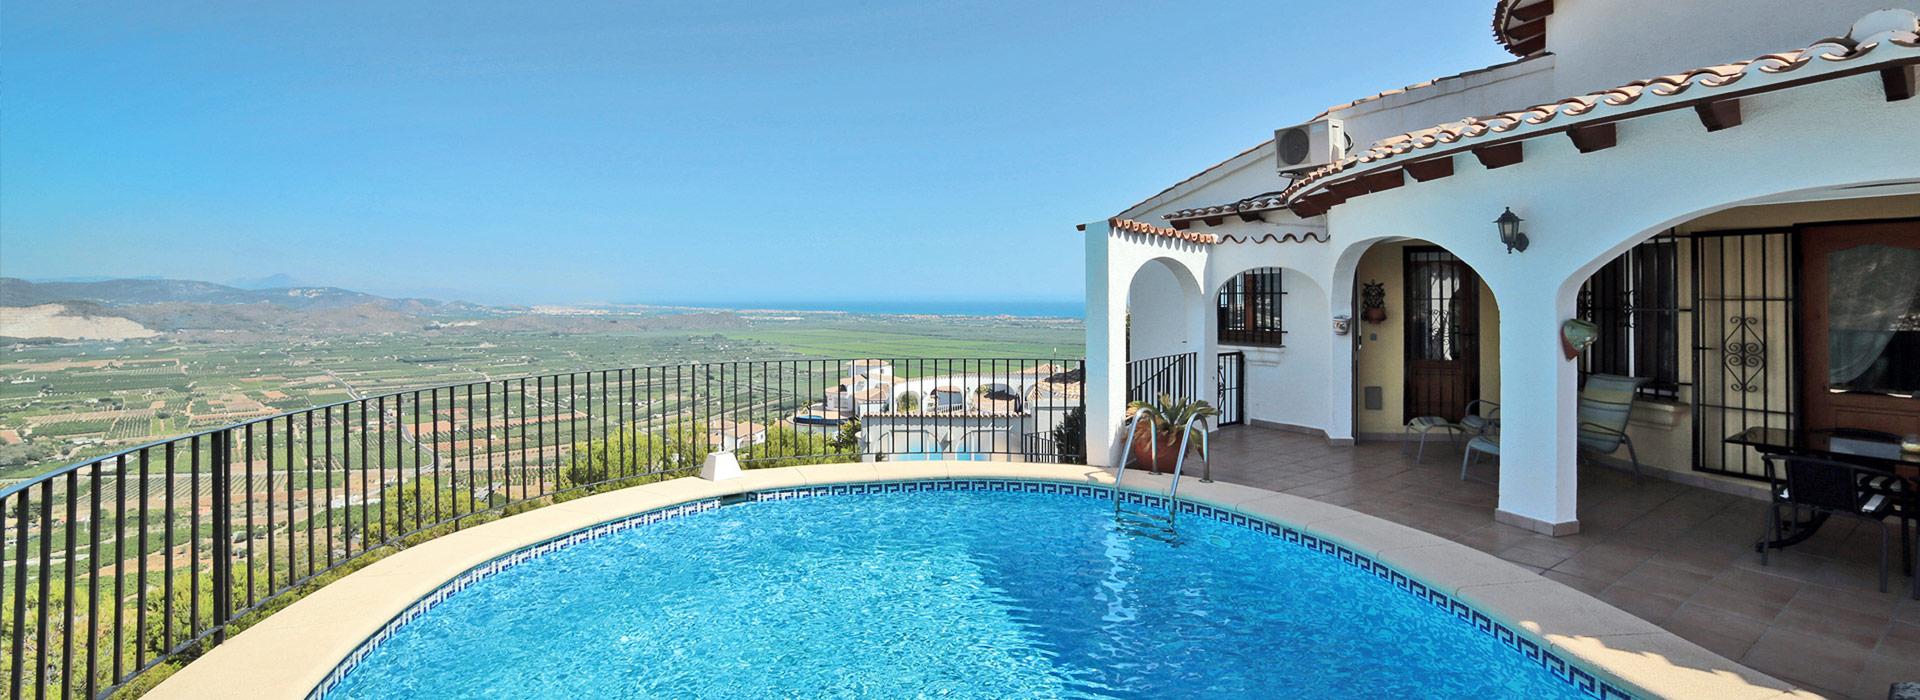 acb.immo - Belle villa de 3 chambres avec piscine privée et vue mer à Monte Pego